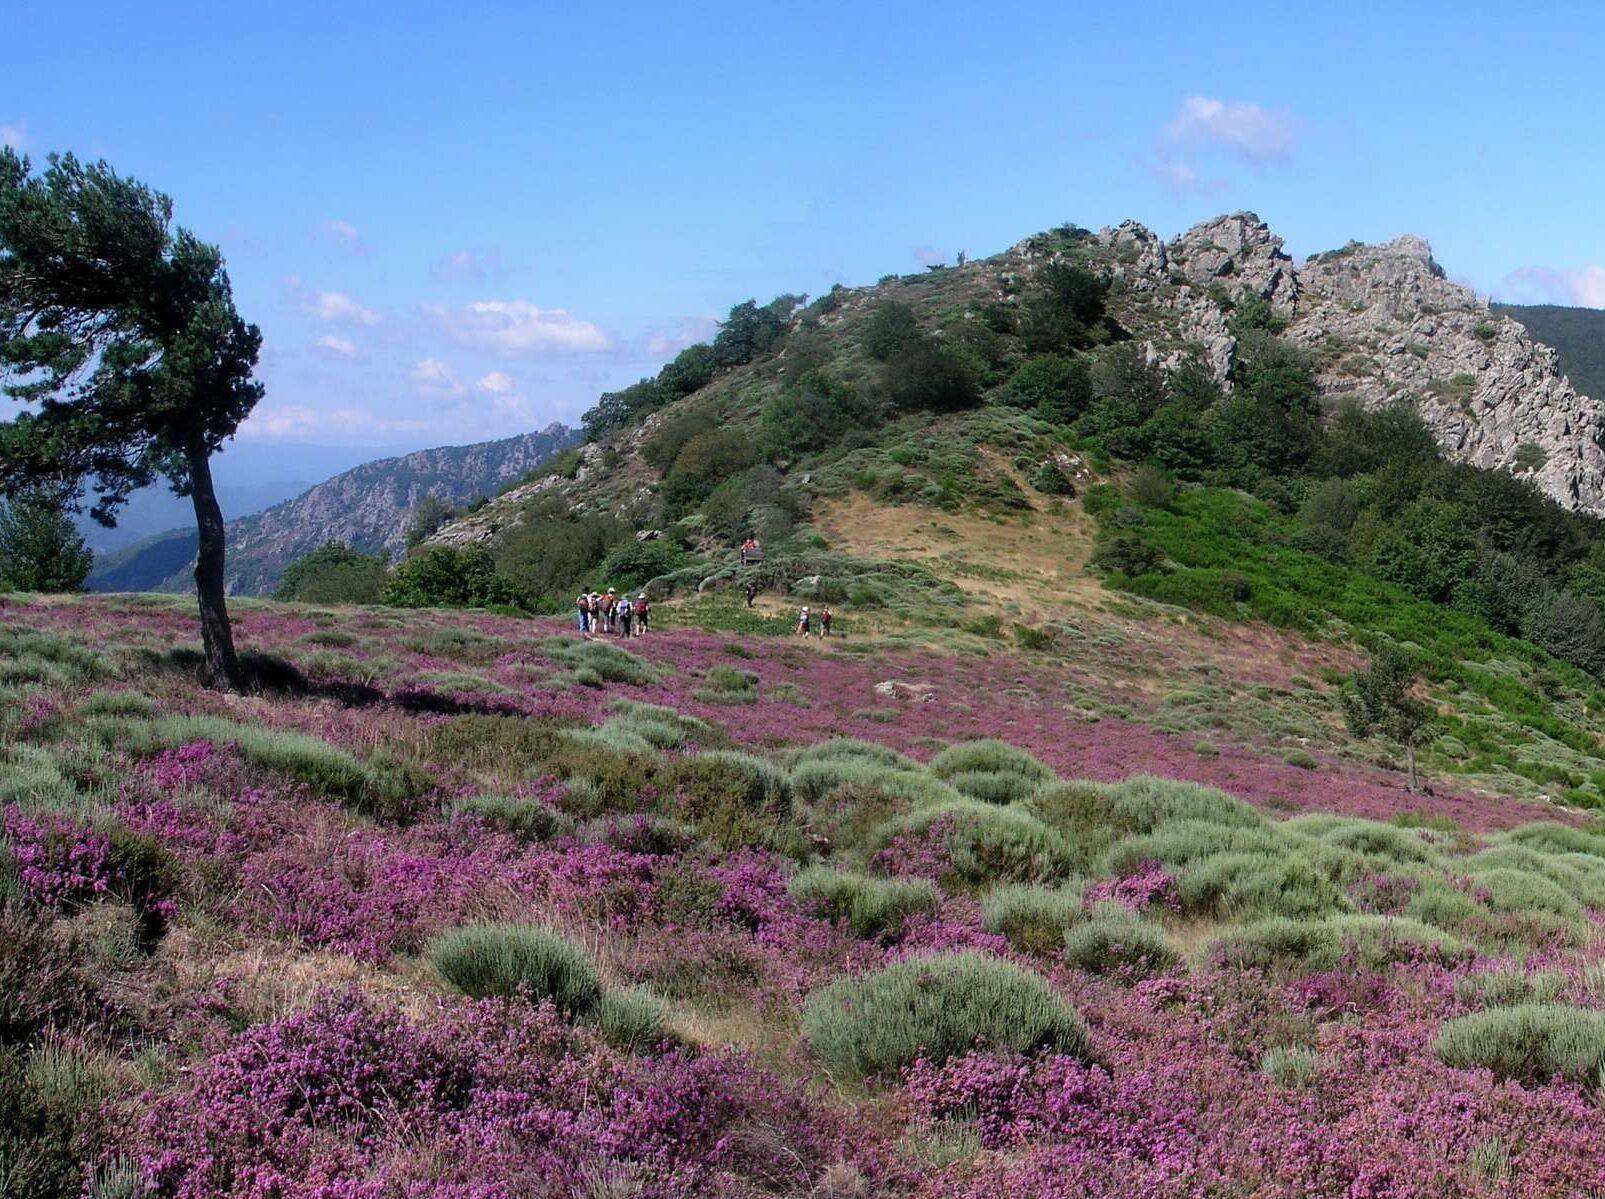 parquealtolanguedoc e1601708419220 - Parc Naturel Régional du Haut Languedoc-Hérault-Tarn-France